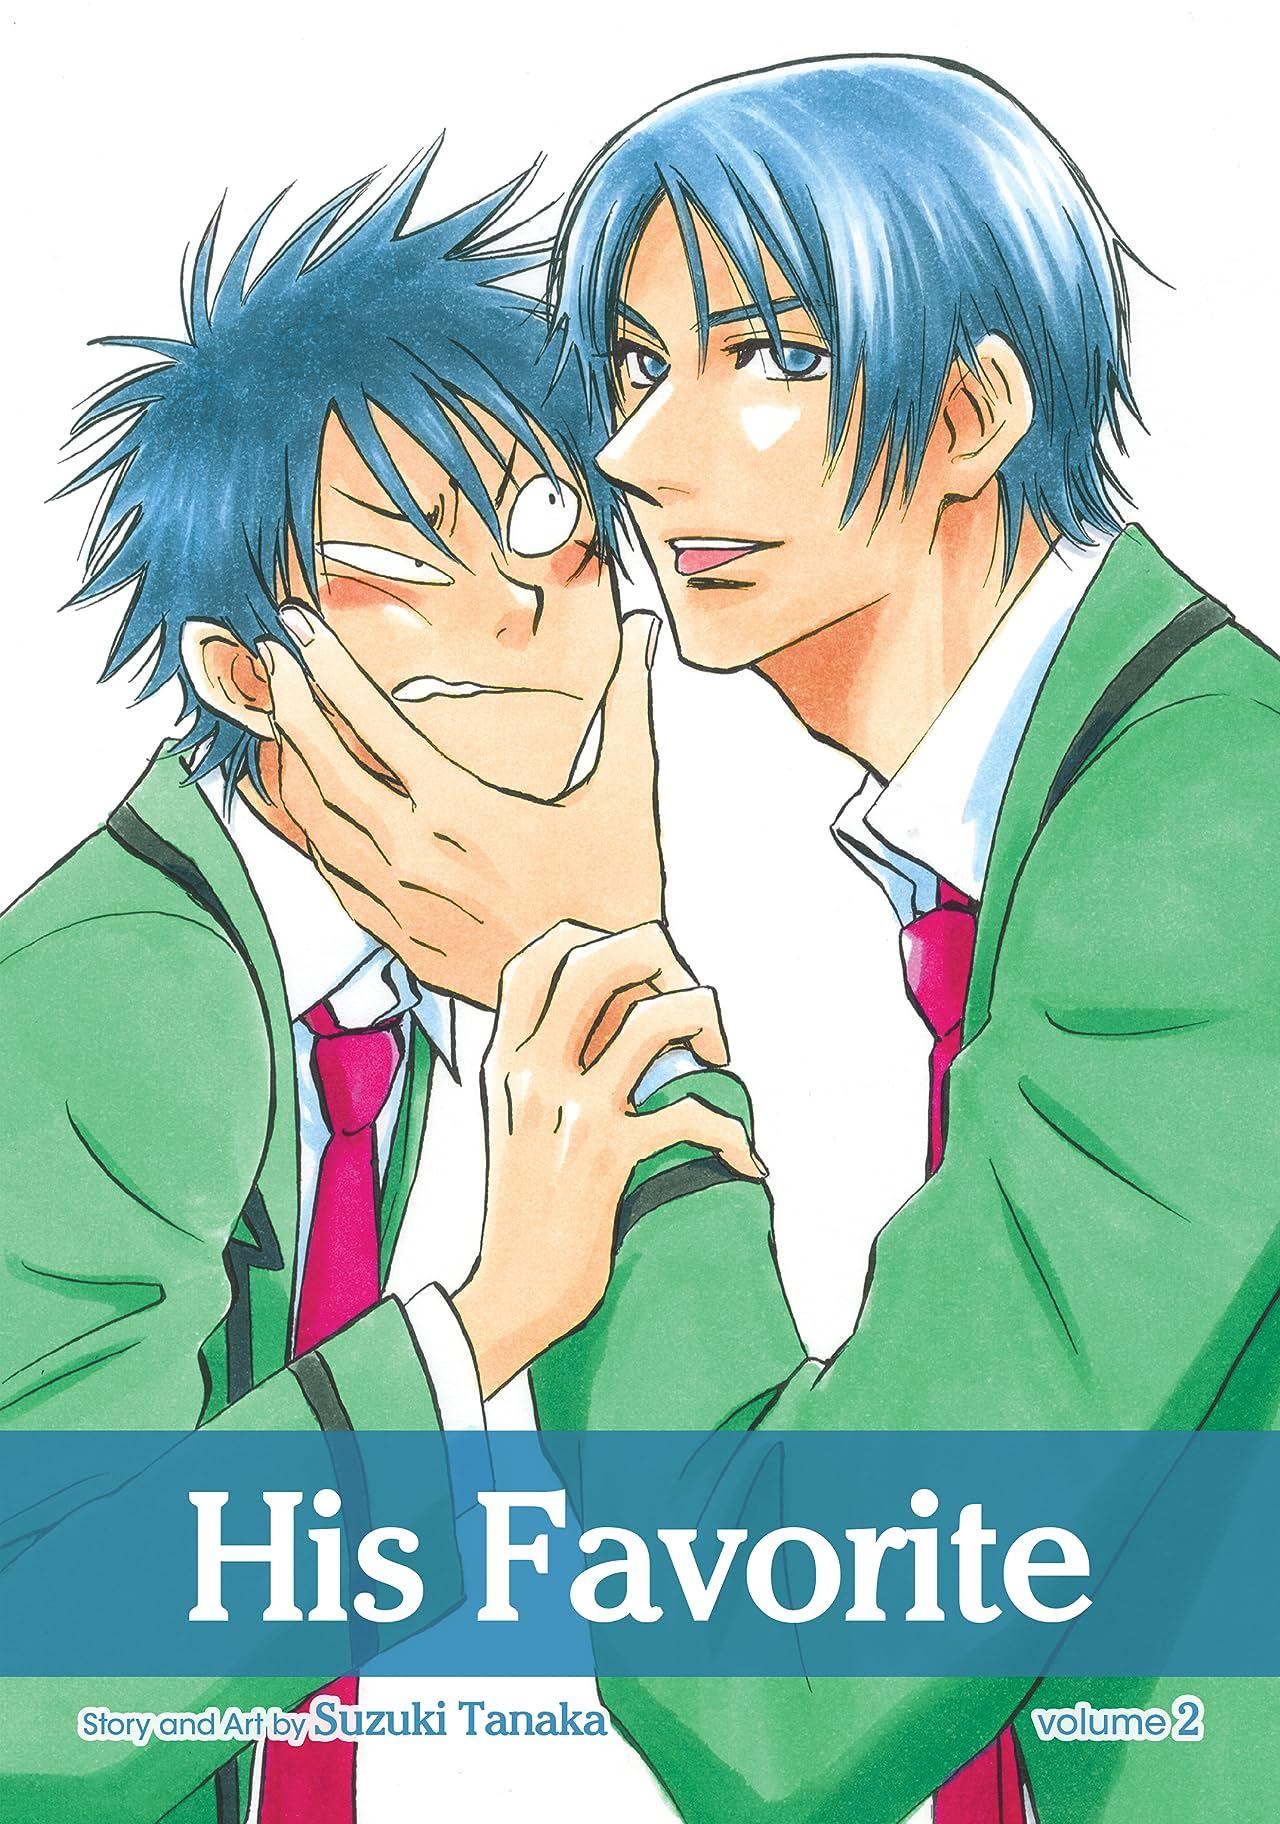 His Favorite Vol. 2